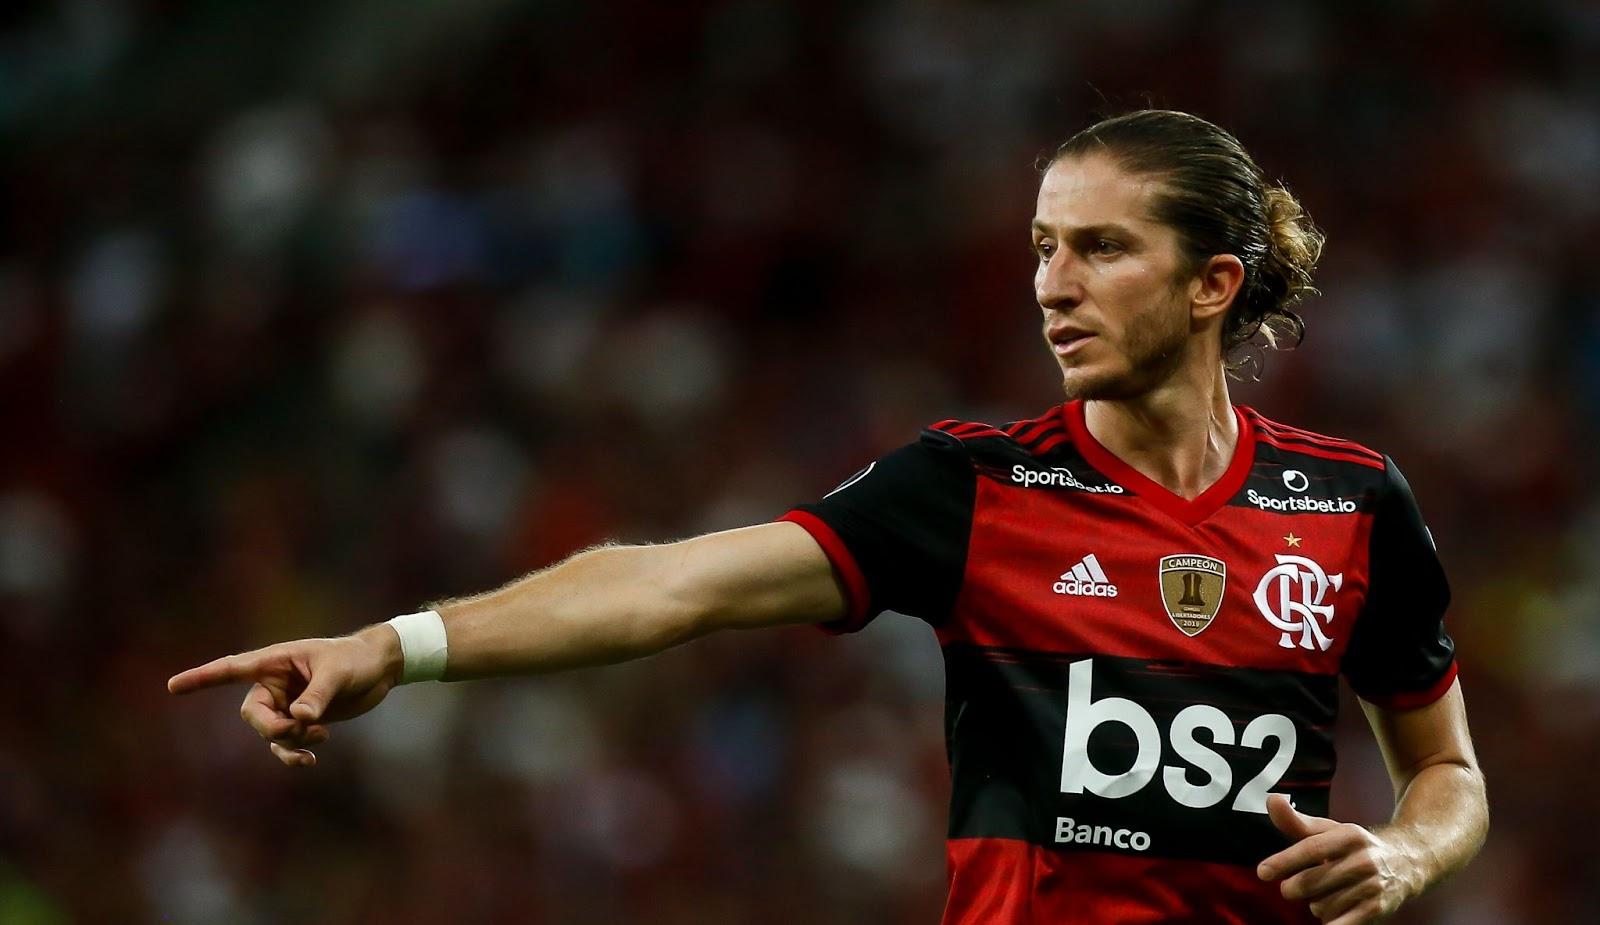 Descubra quem são os 8 jogadores do futebol brasileiro mais bem pagos